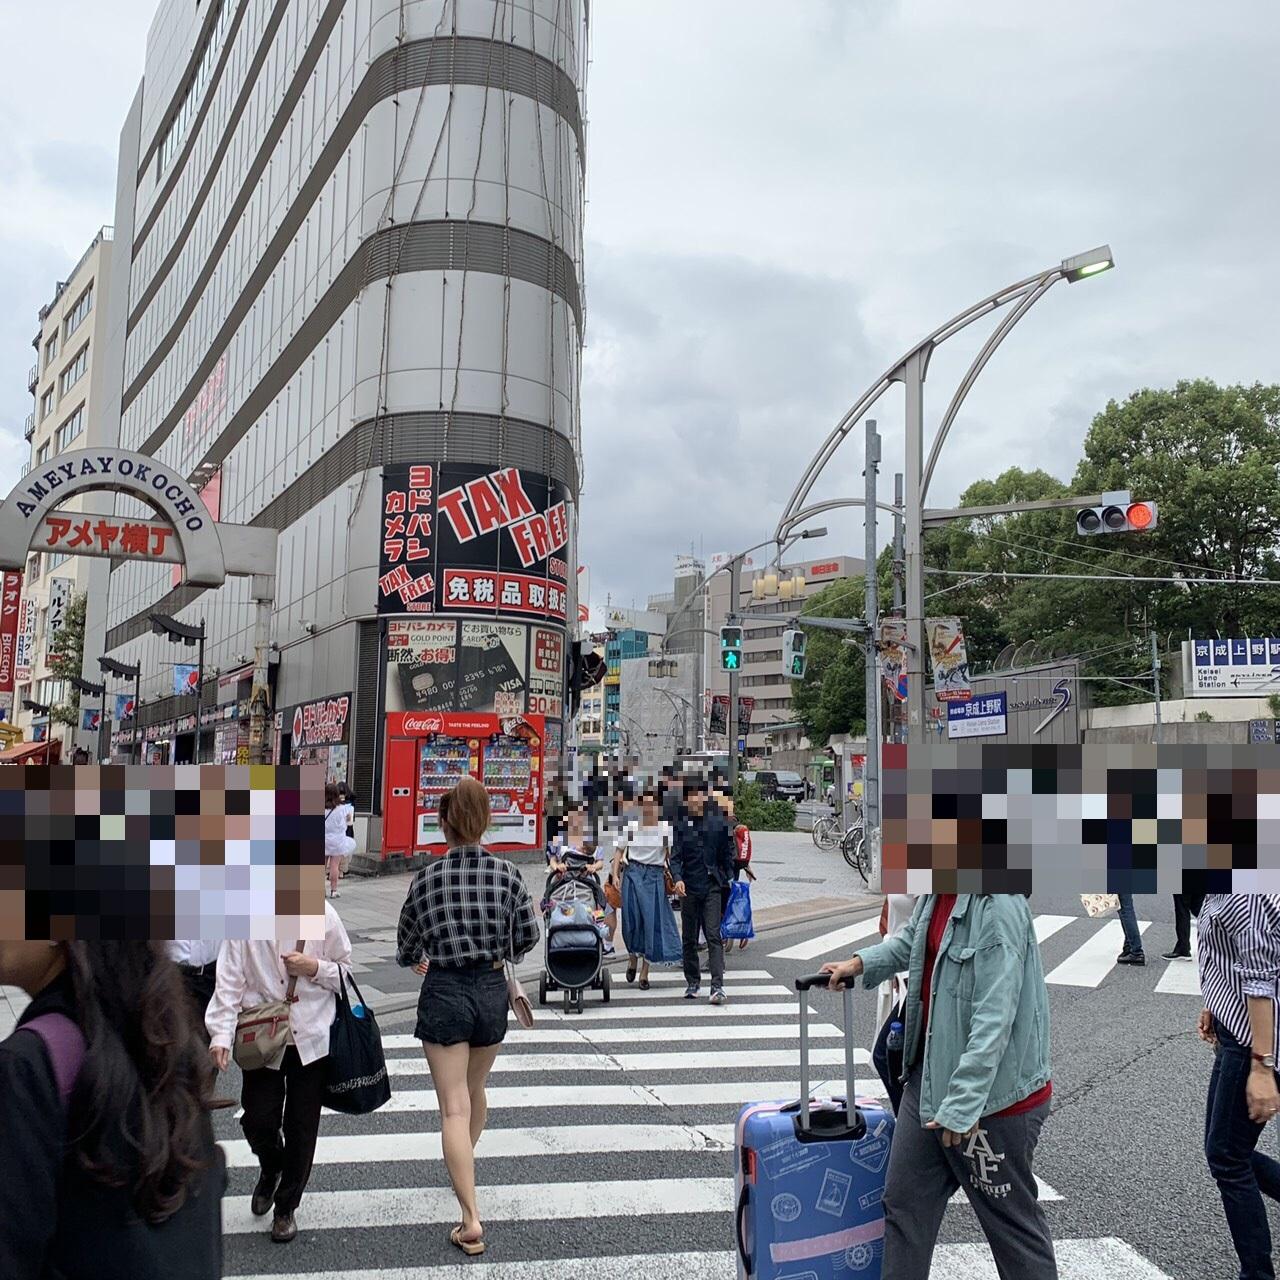 3.そのまま駅を出ると目の前に信号があるので、目の前にあるヨドバシカメラの方へ渡ってください。